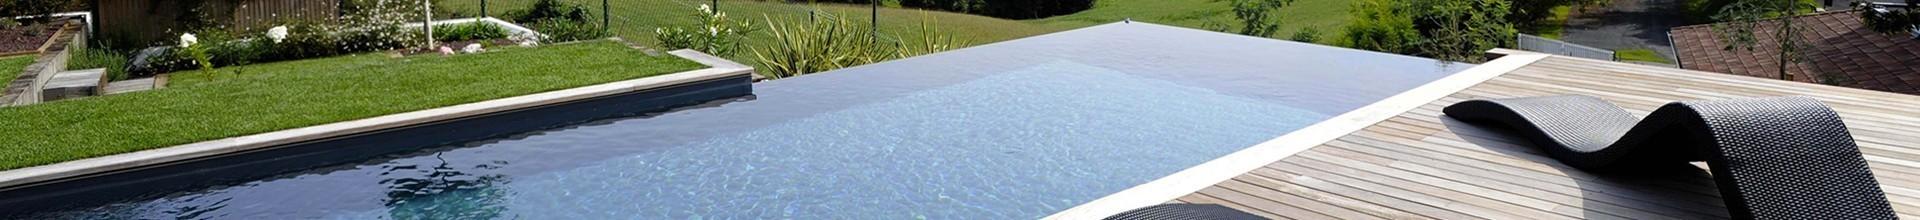 ✅  Auvergne Puy-de-Dôme Fabricant d'une piscine révolutionnaire